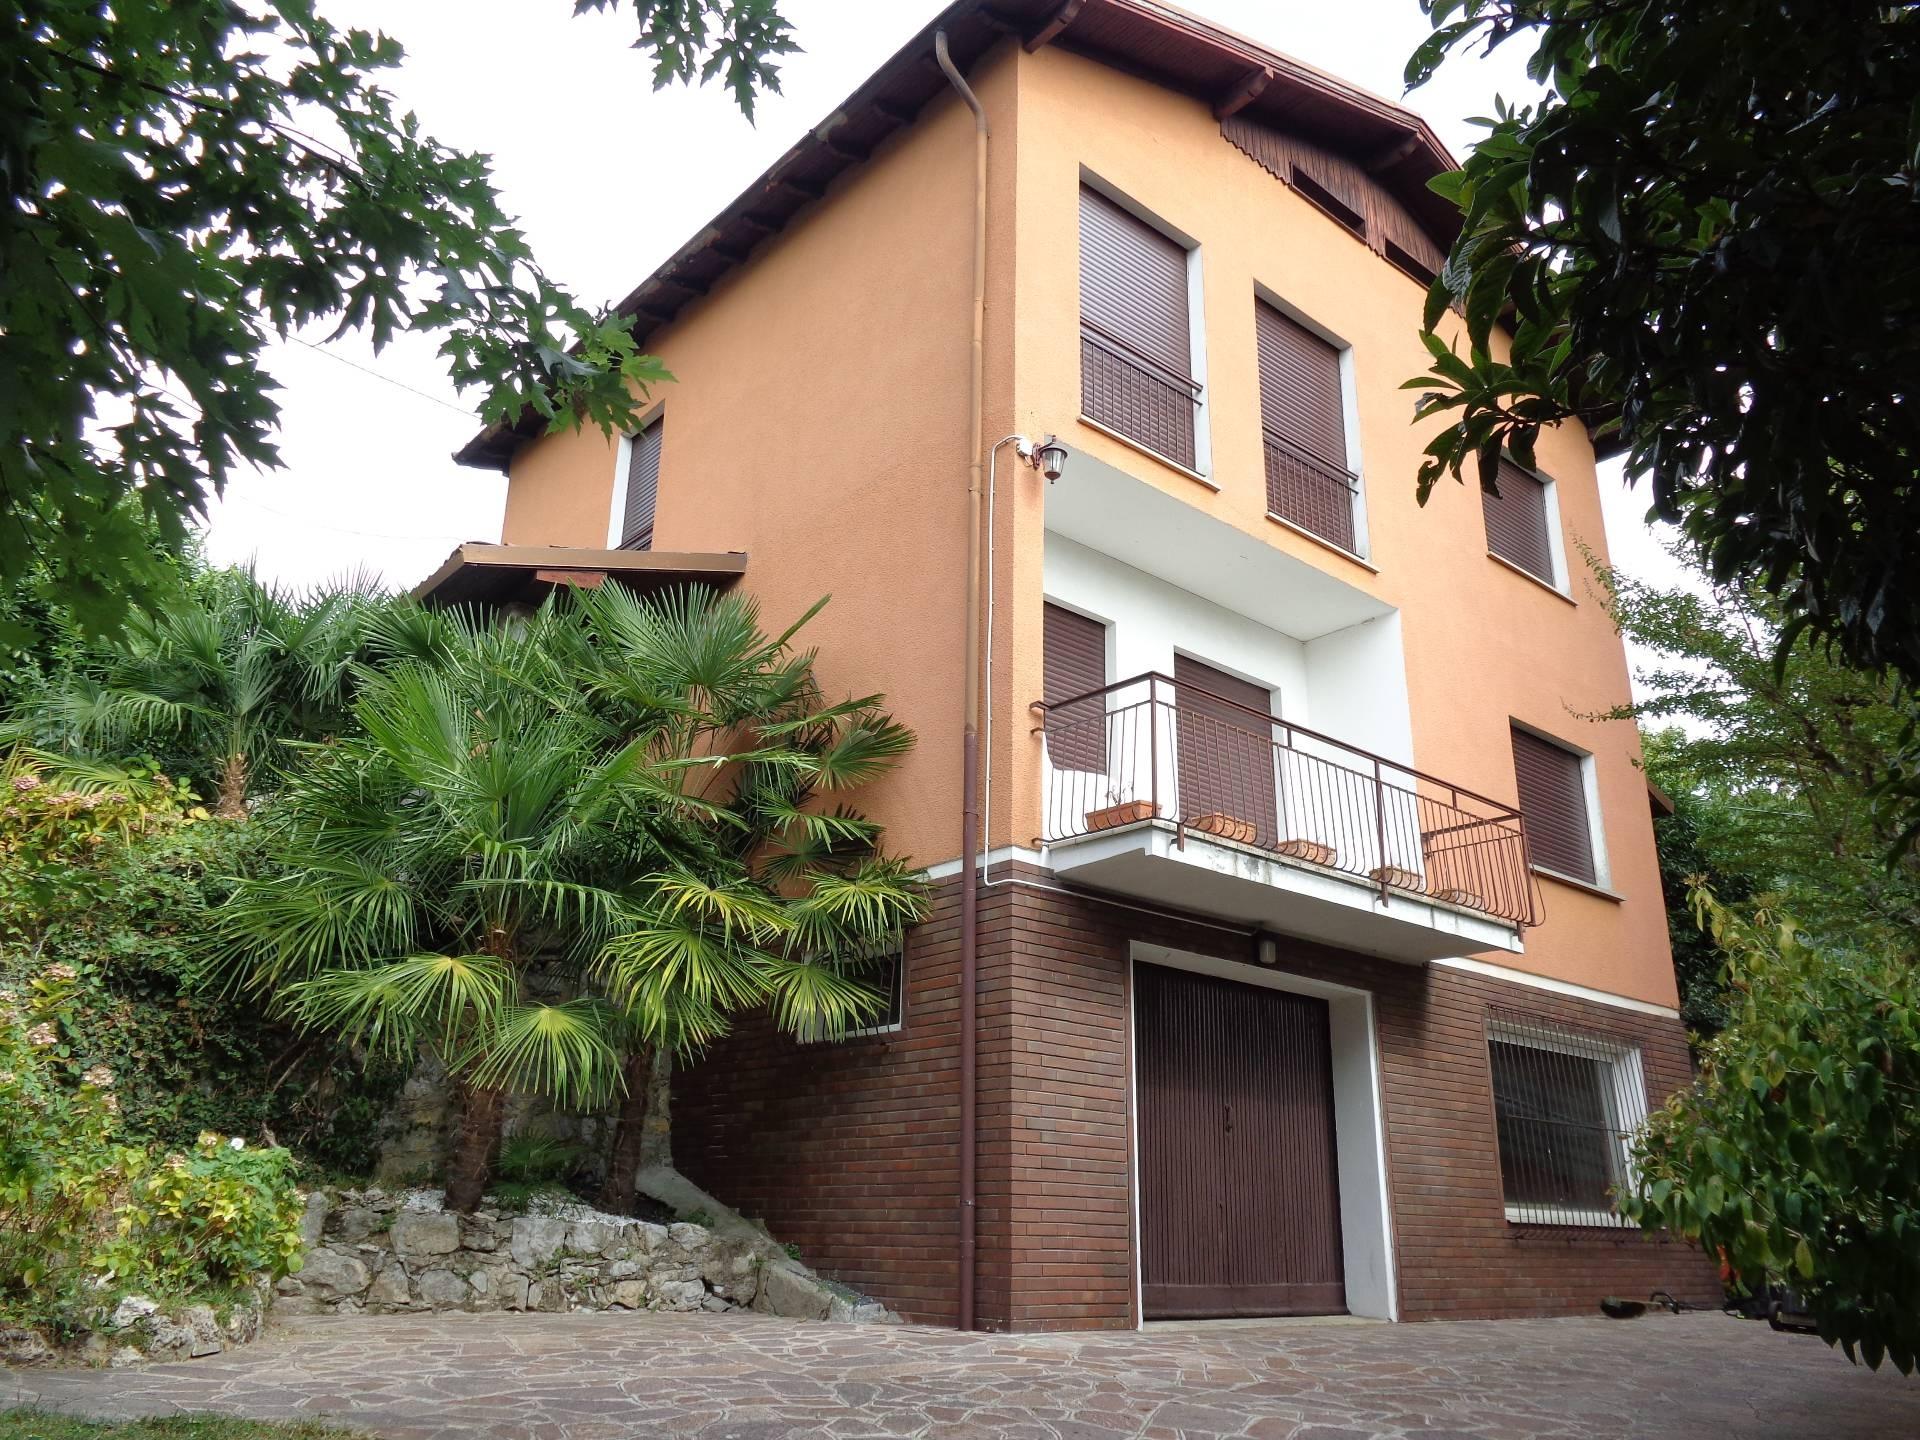 Villa in vendita a Longone al Segrino, 7 locali, prezzo € 340.000 | CambioCasa.it